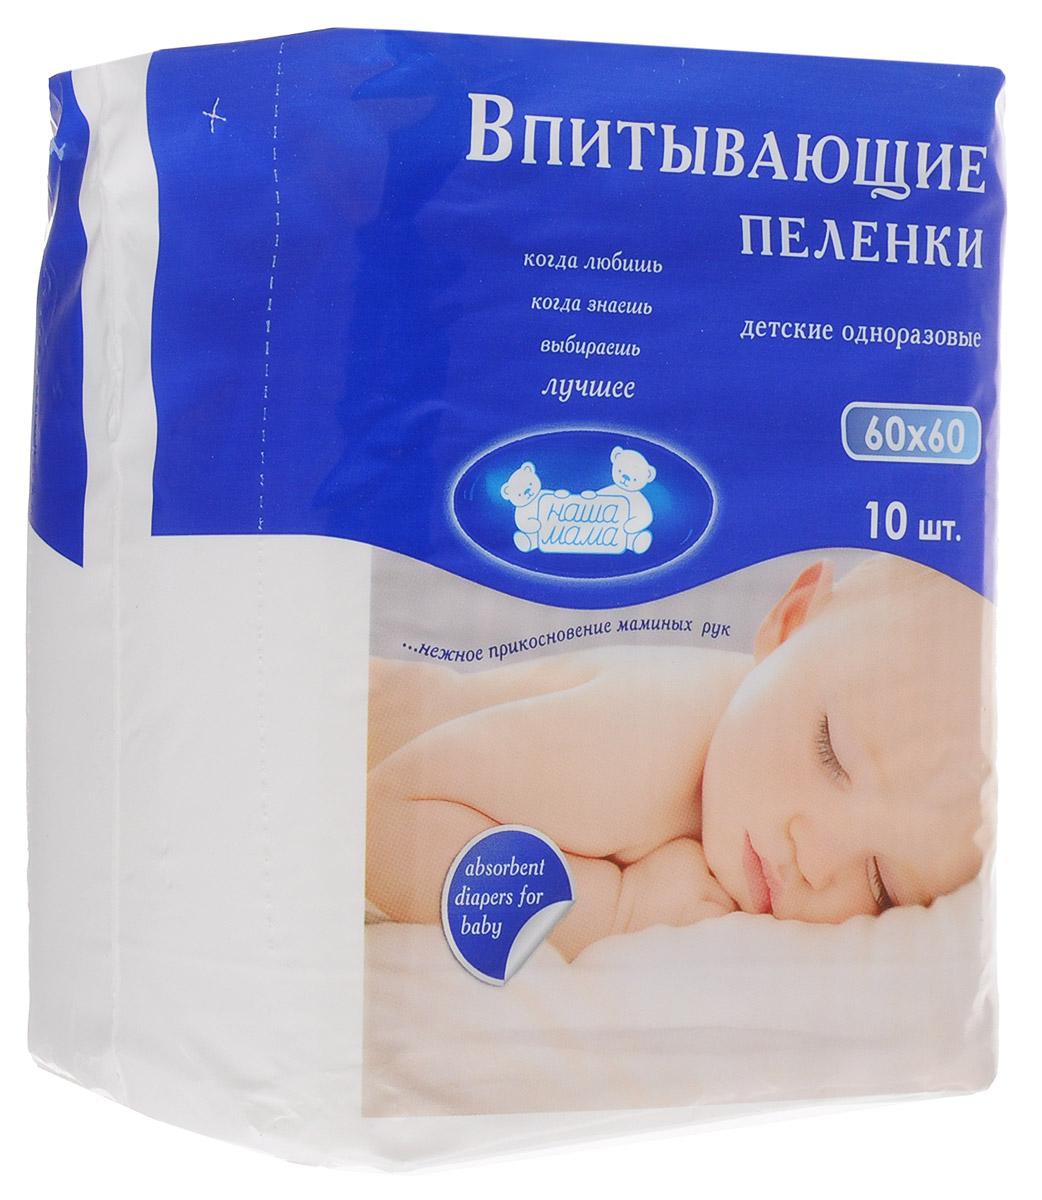 Наша Мама Пеленки впитывающие одноразовые детские 60 см х 60 см 10 шт bel baby детские впитывающие пеленки 60х60см 10шт